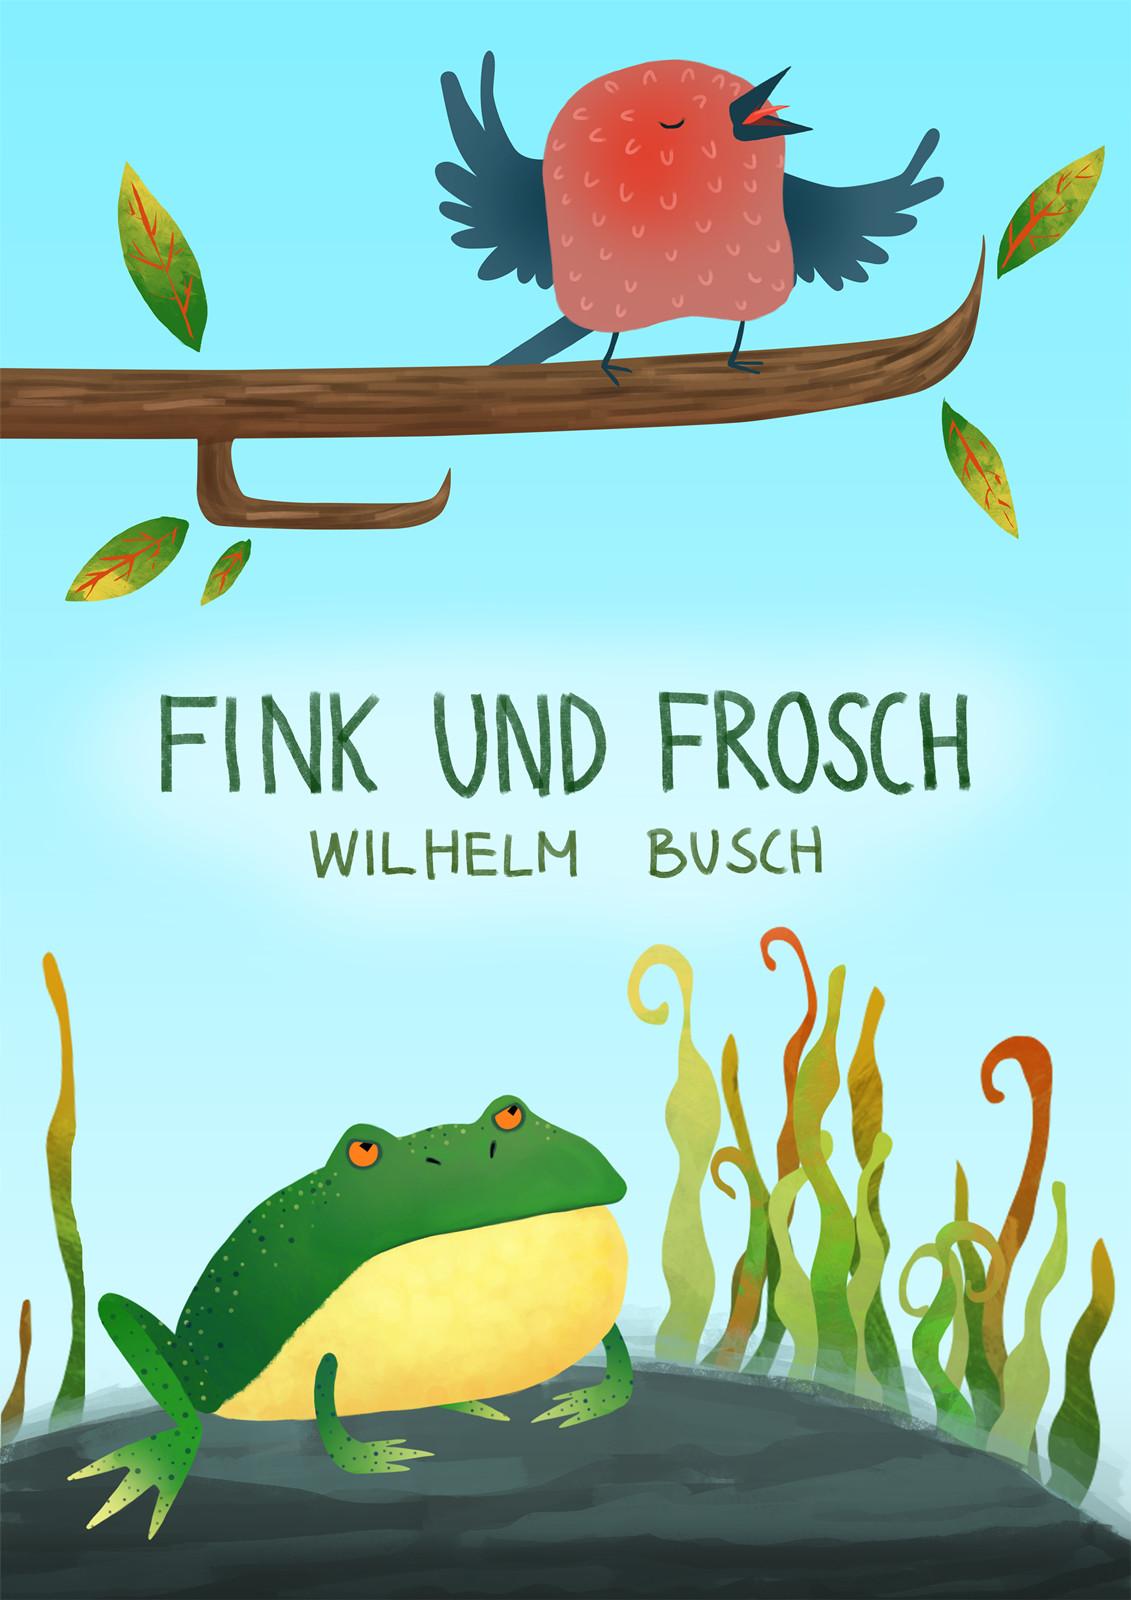 wilhelm busch fink und frosch